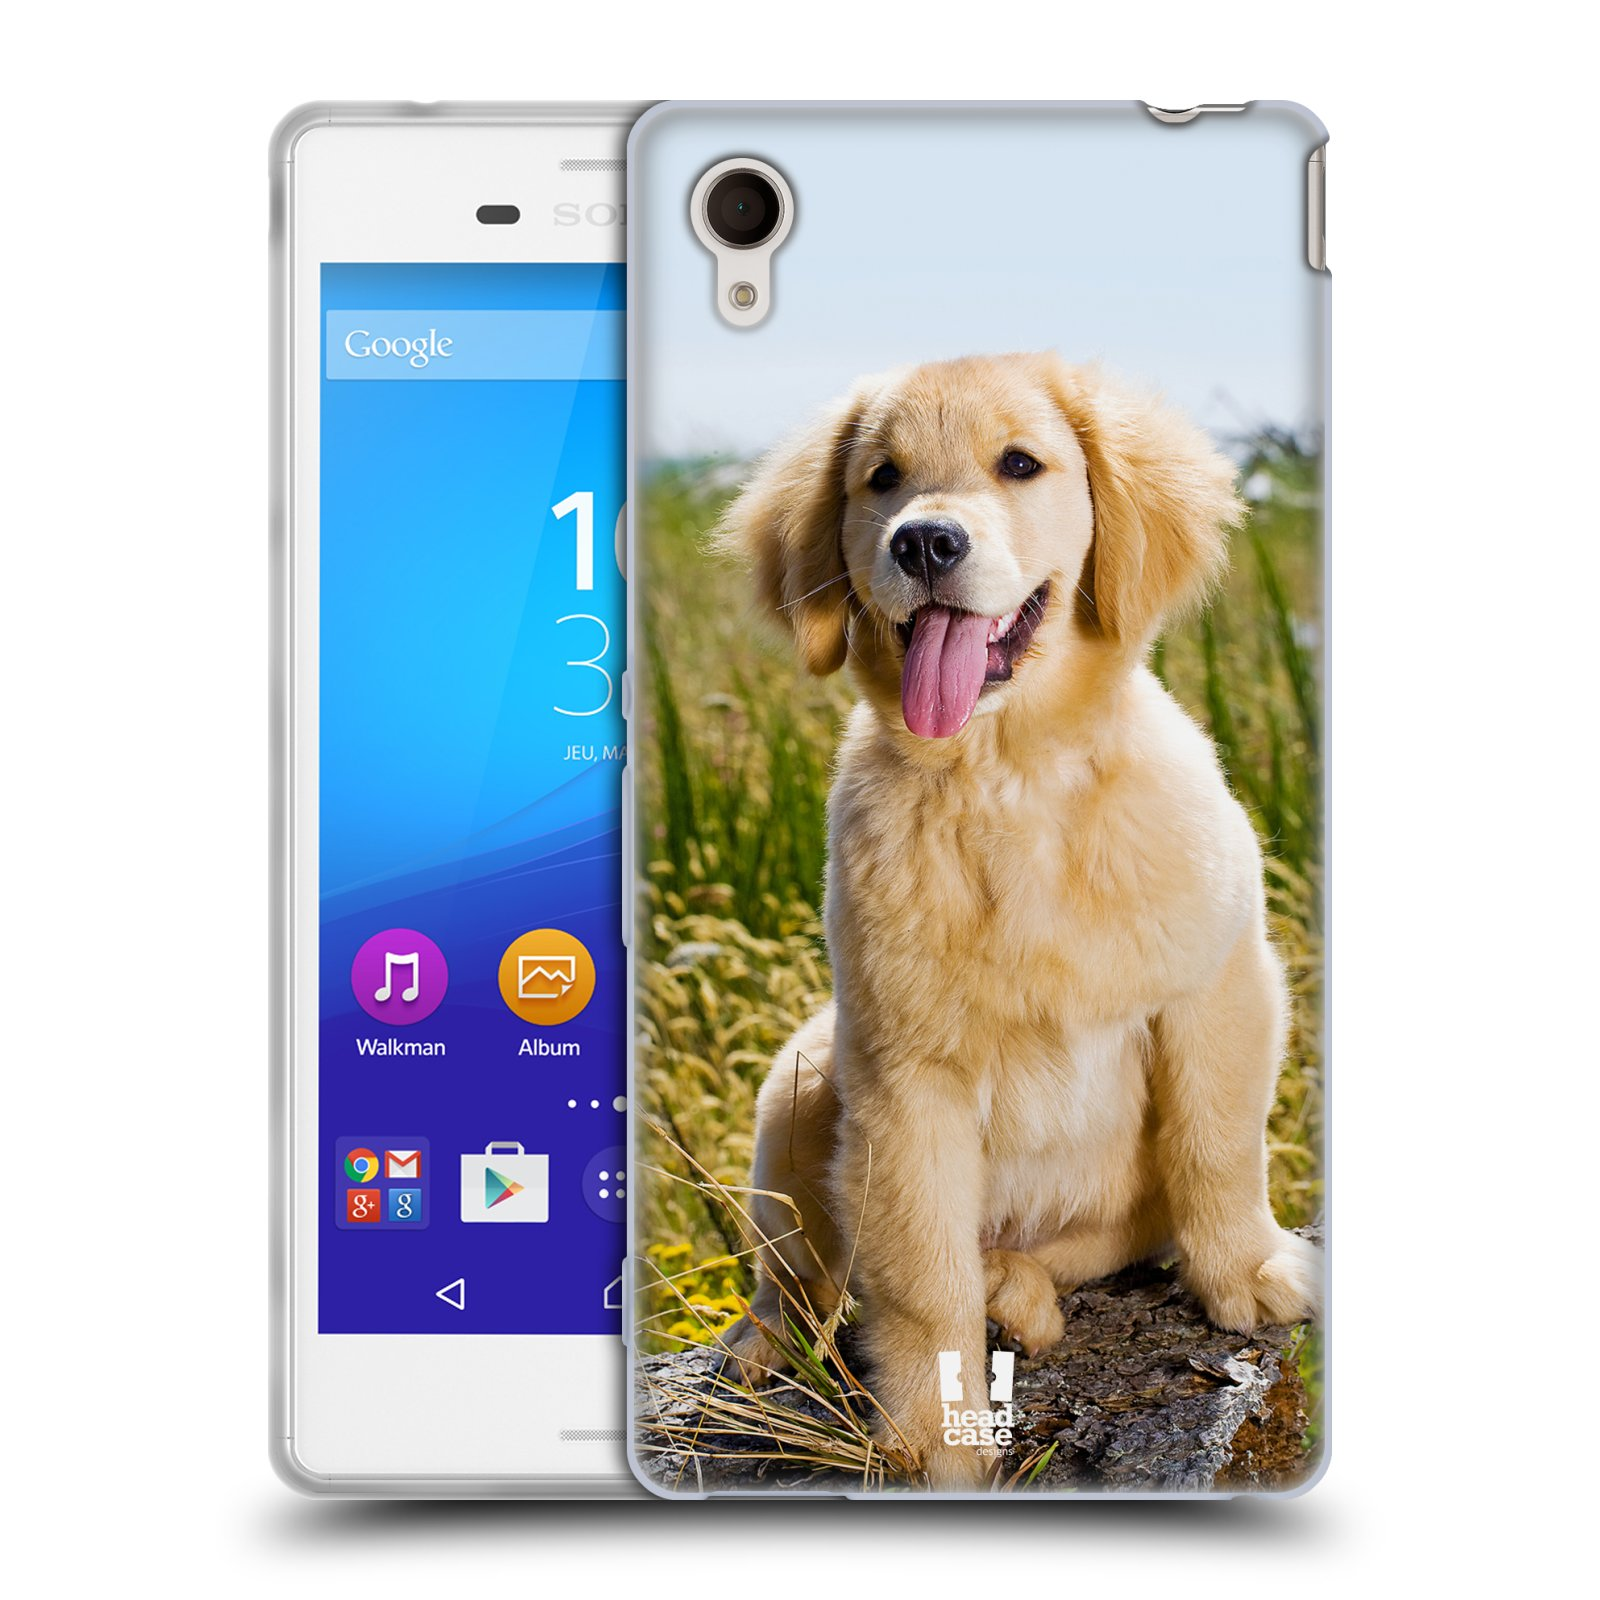 Silikonové pouzdro na mobil Sony Xperia M4 Aqua E2303 HEAD CASE RETRÍVR (Silikonový kryt či obal na mobilní telefon Sony Xperia M4 Aqua a M4 Aqua Dual SIM)